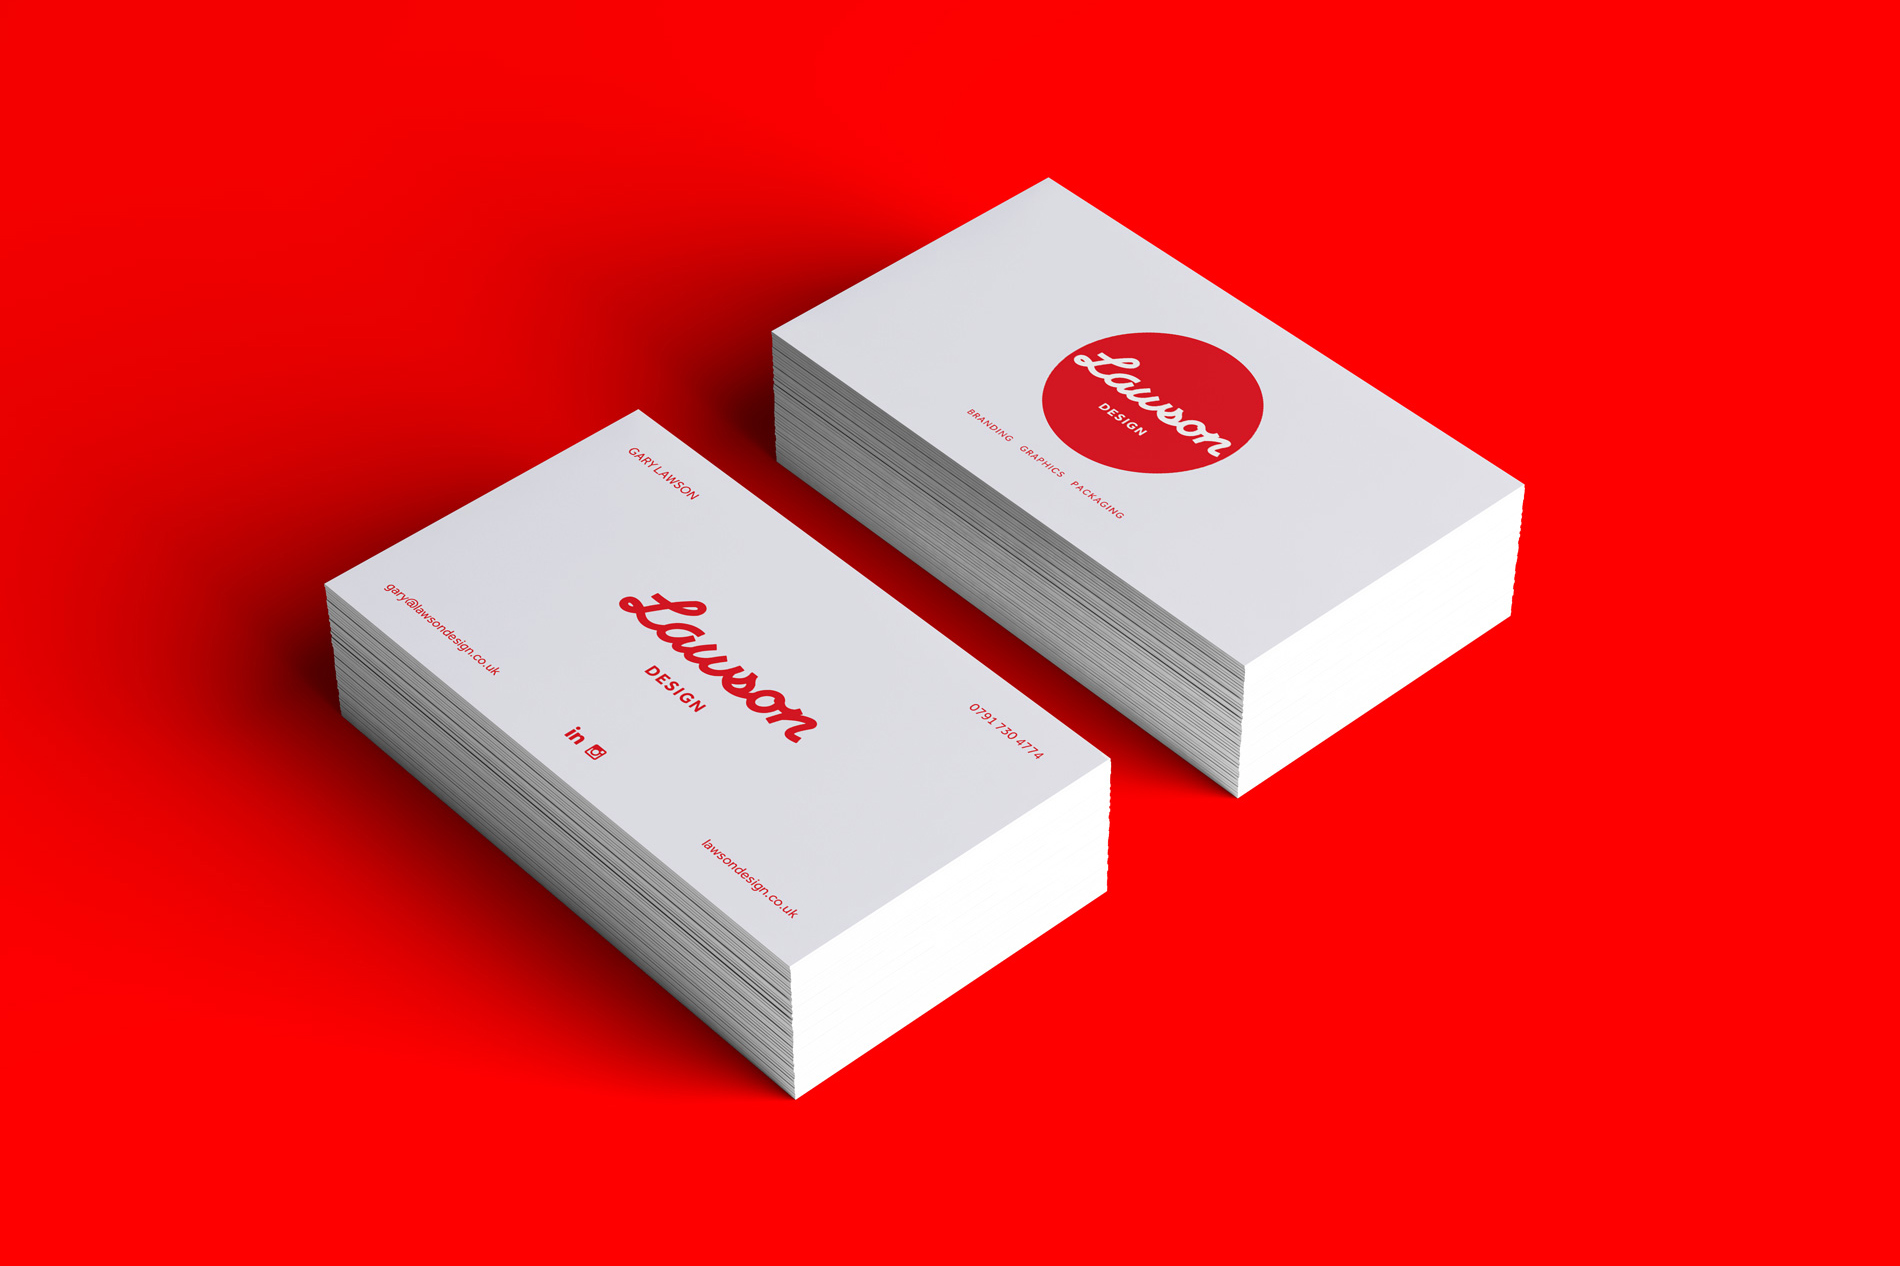 Lawson Design Logo, graphic designer, packaging designer, branding designer, Carlisle, Cumbria,